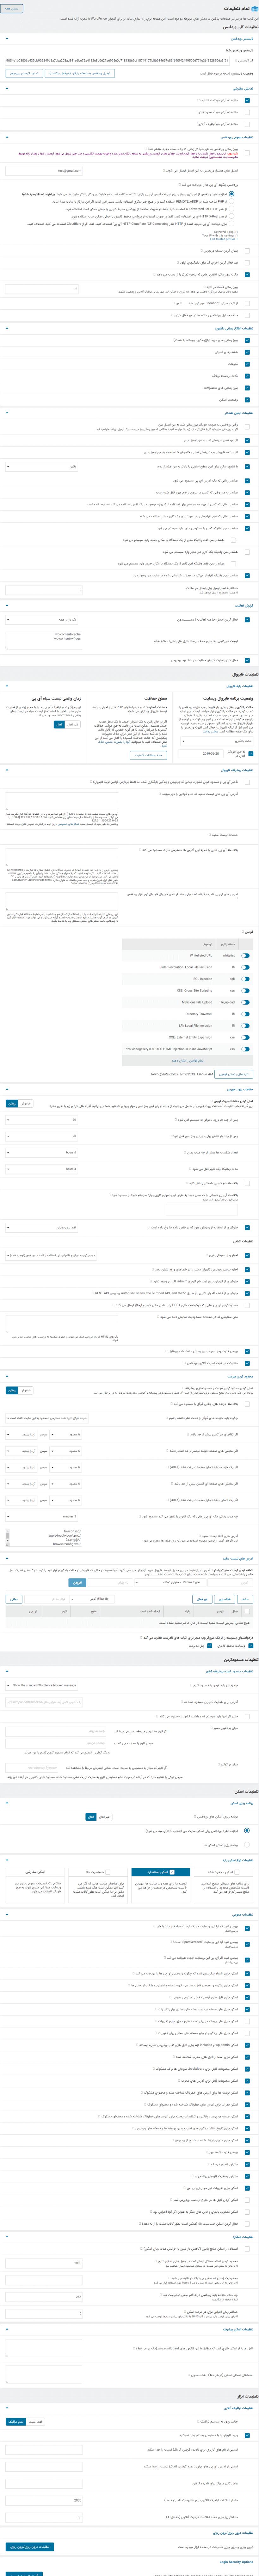 تمامی تنظیمات افزونه Wordfence